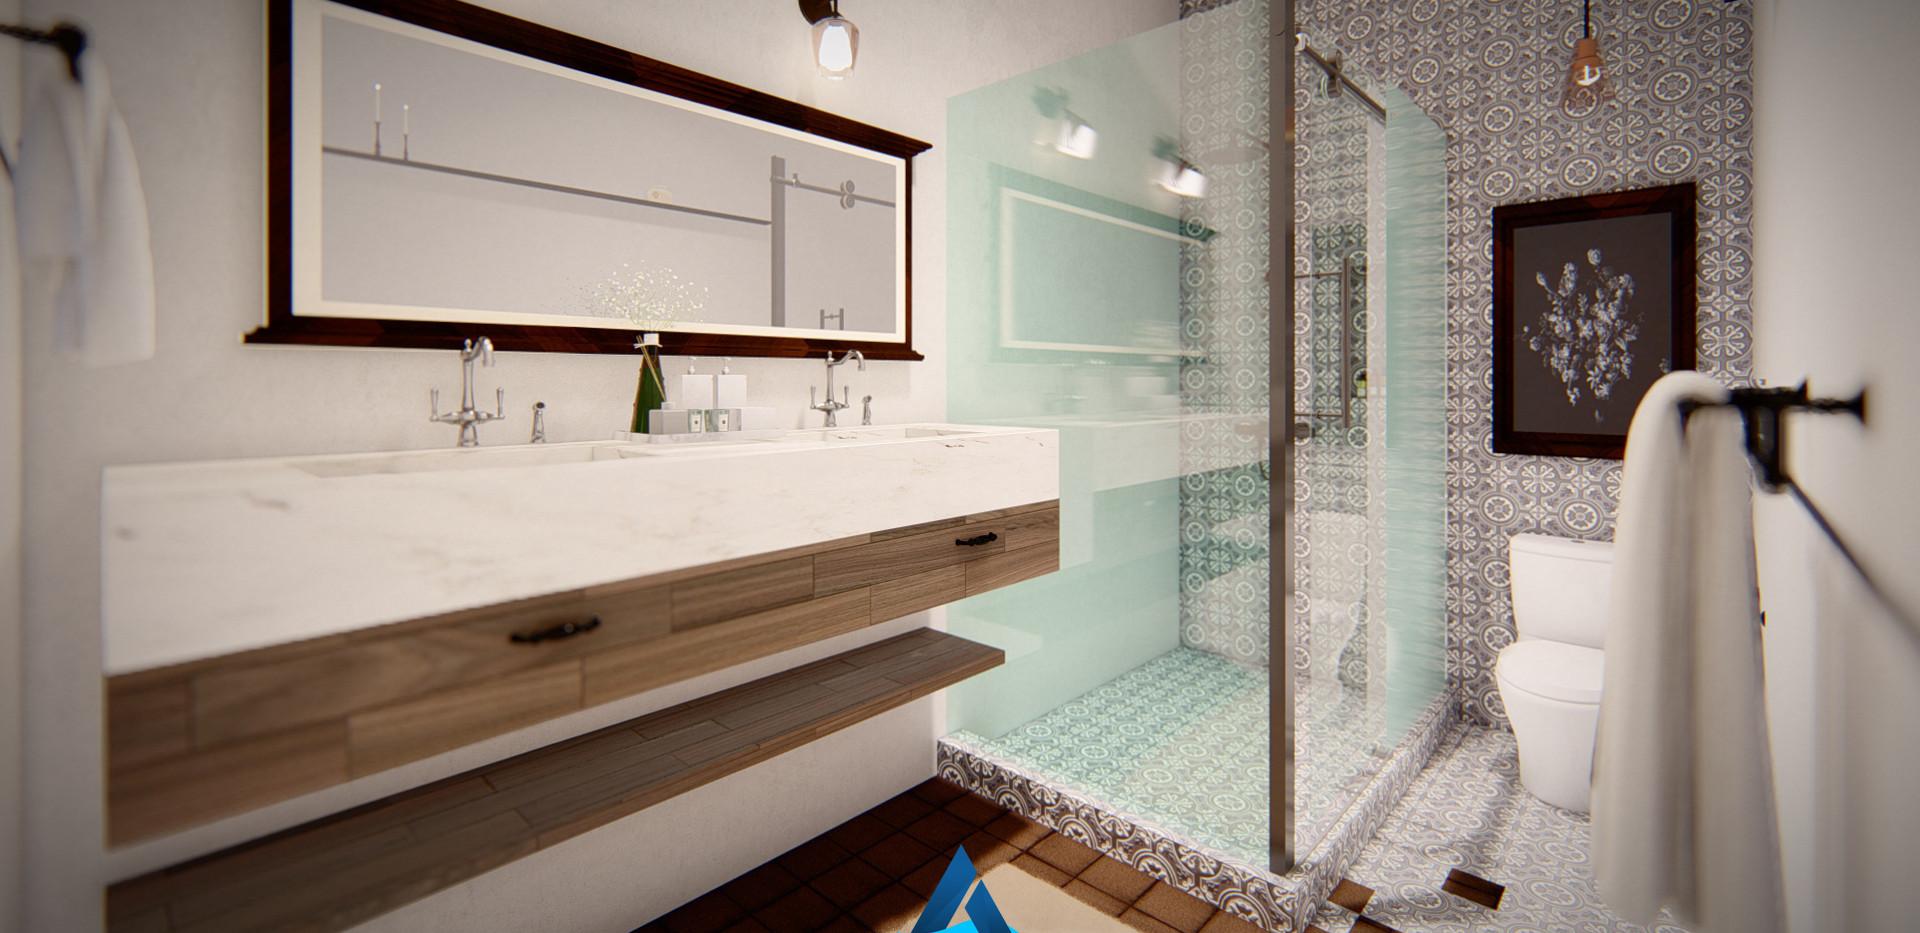 baño_1 - Foto.jpg